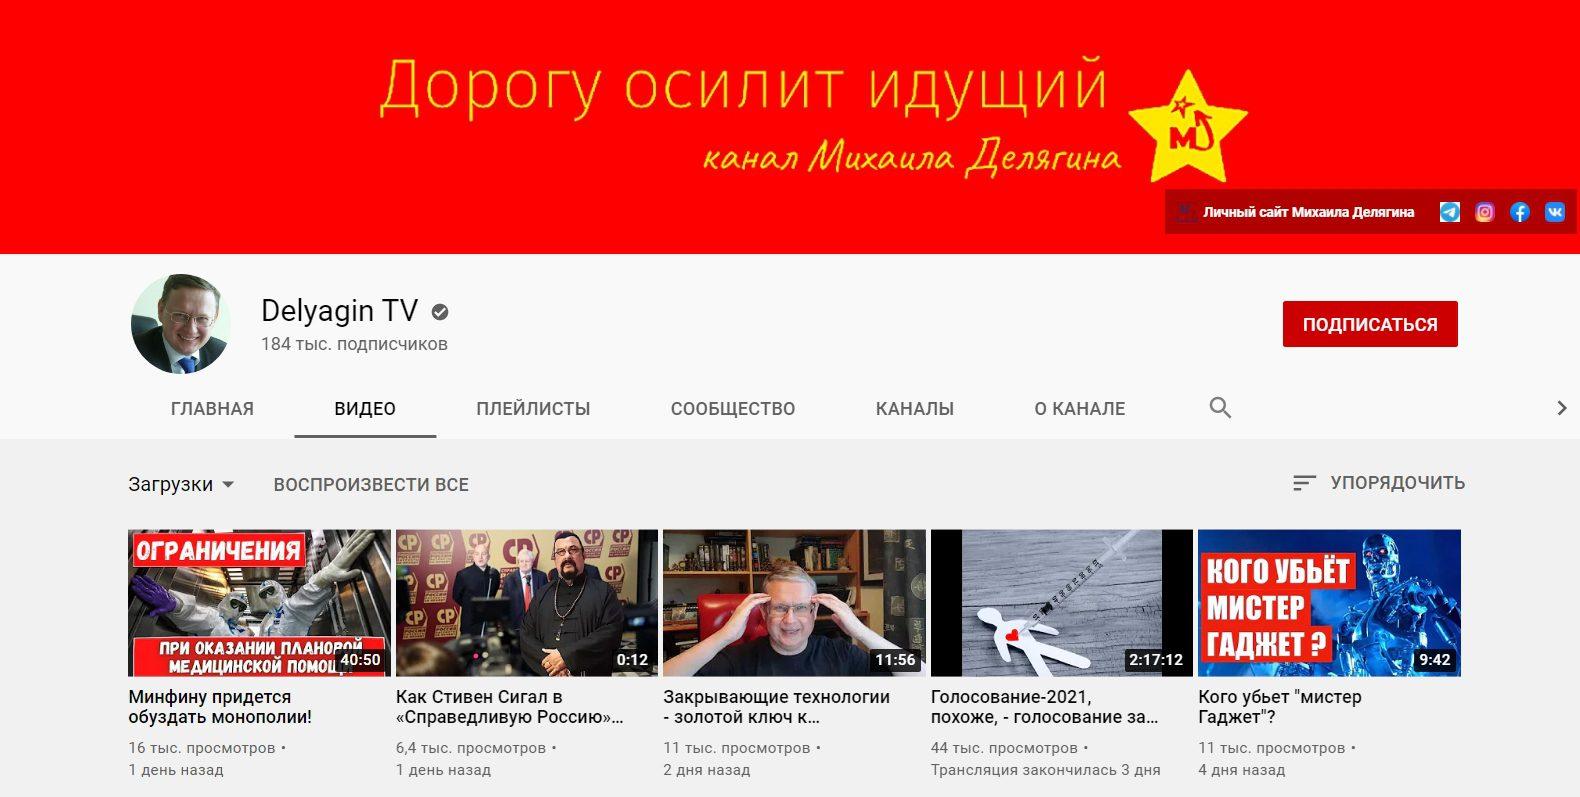 Ютуб канал Михаила Делягина